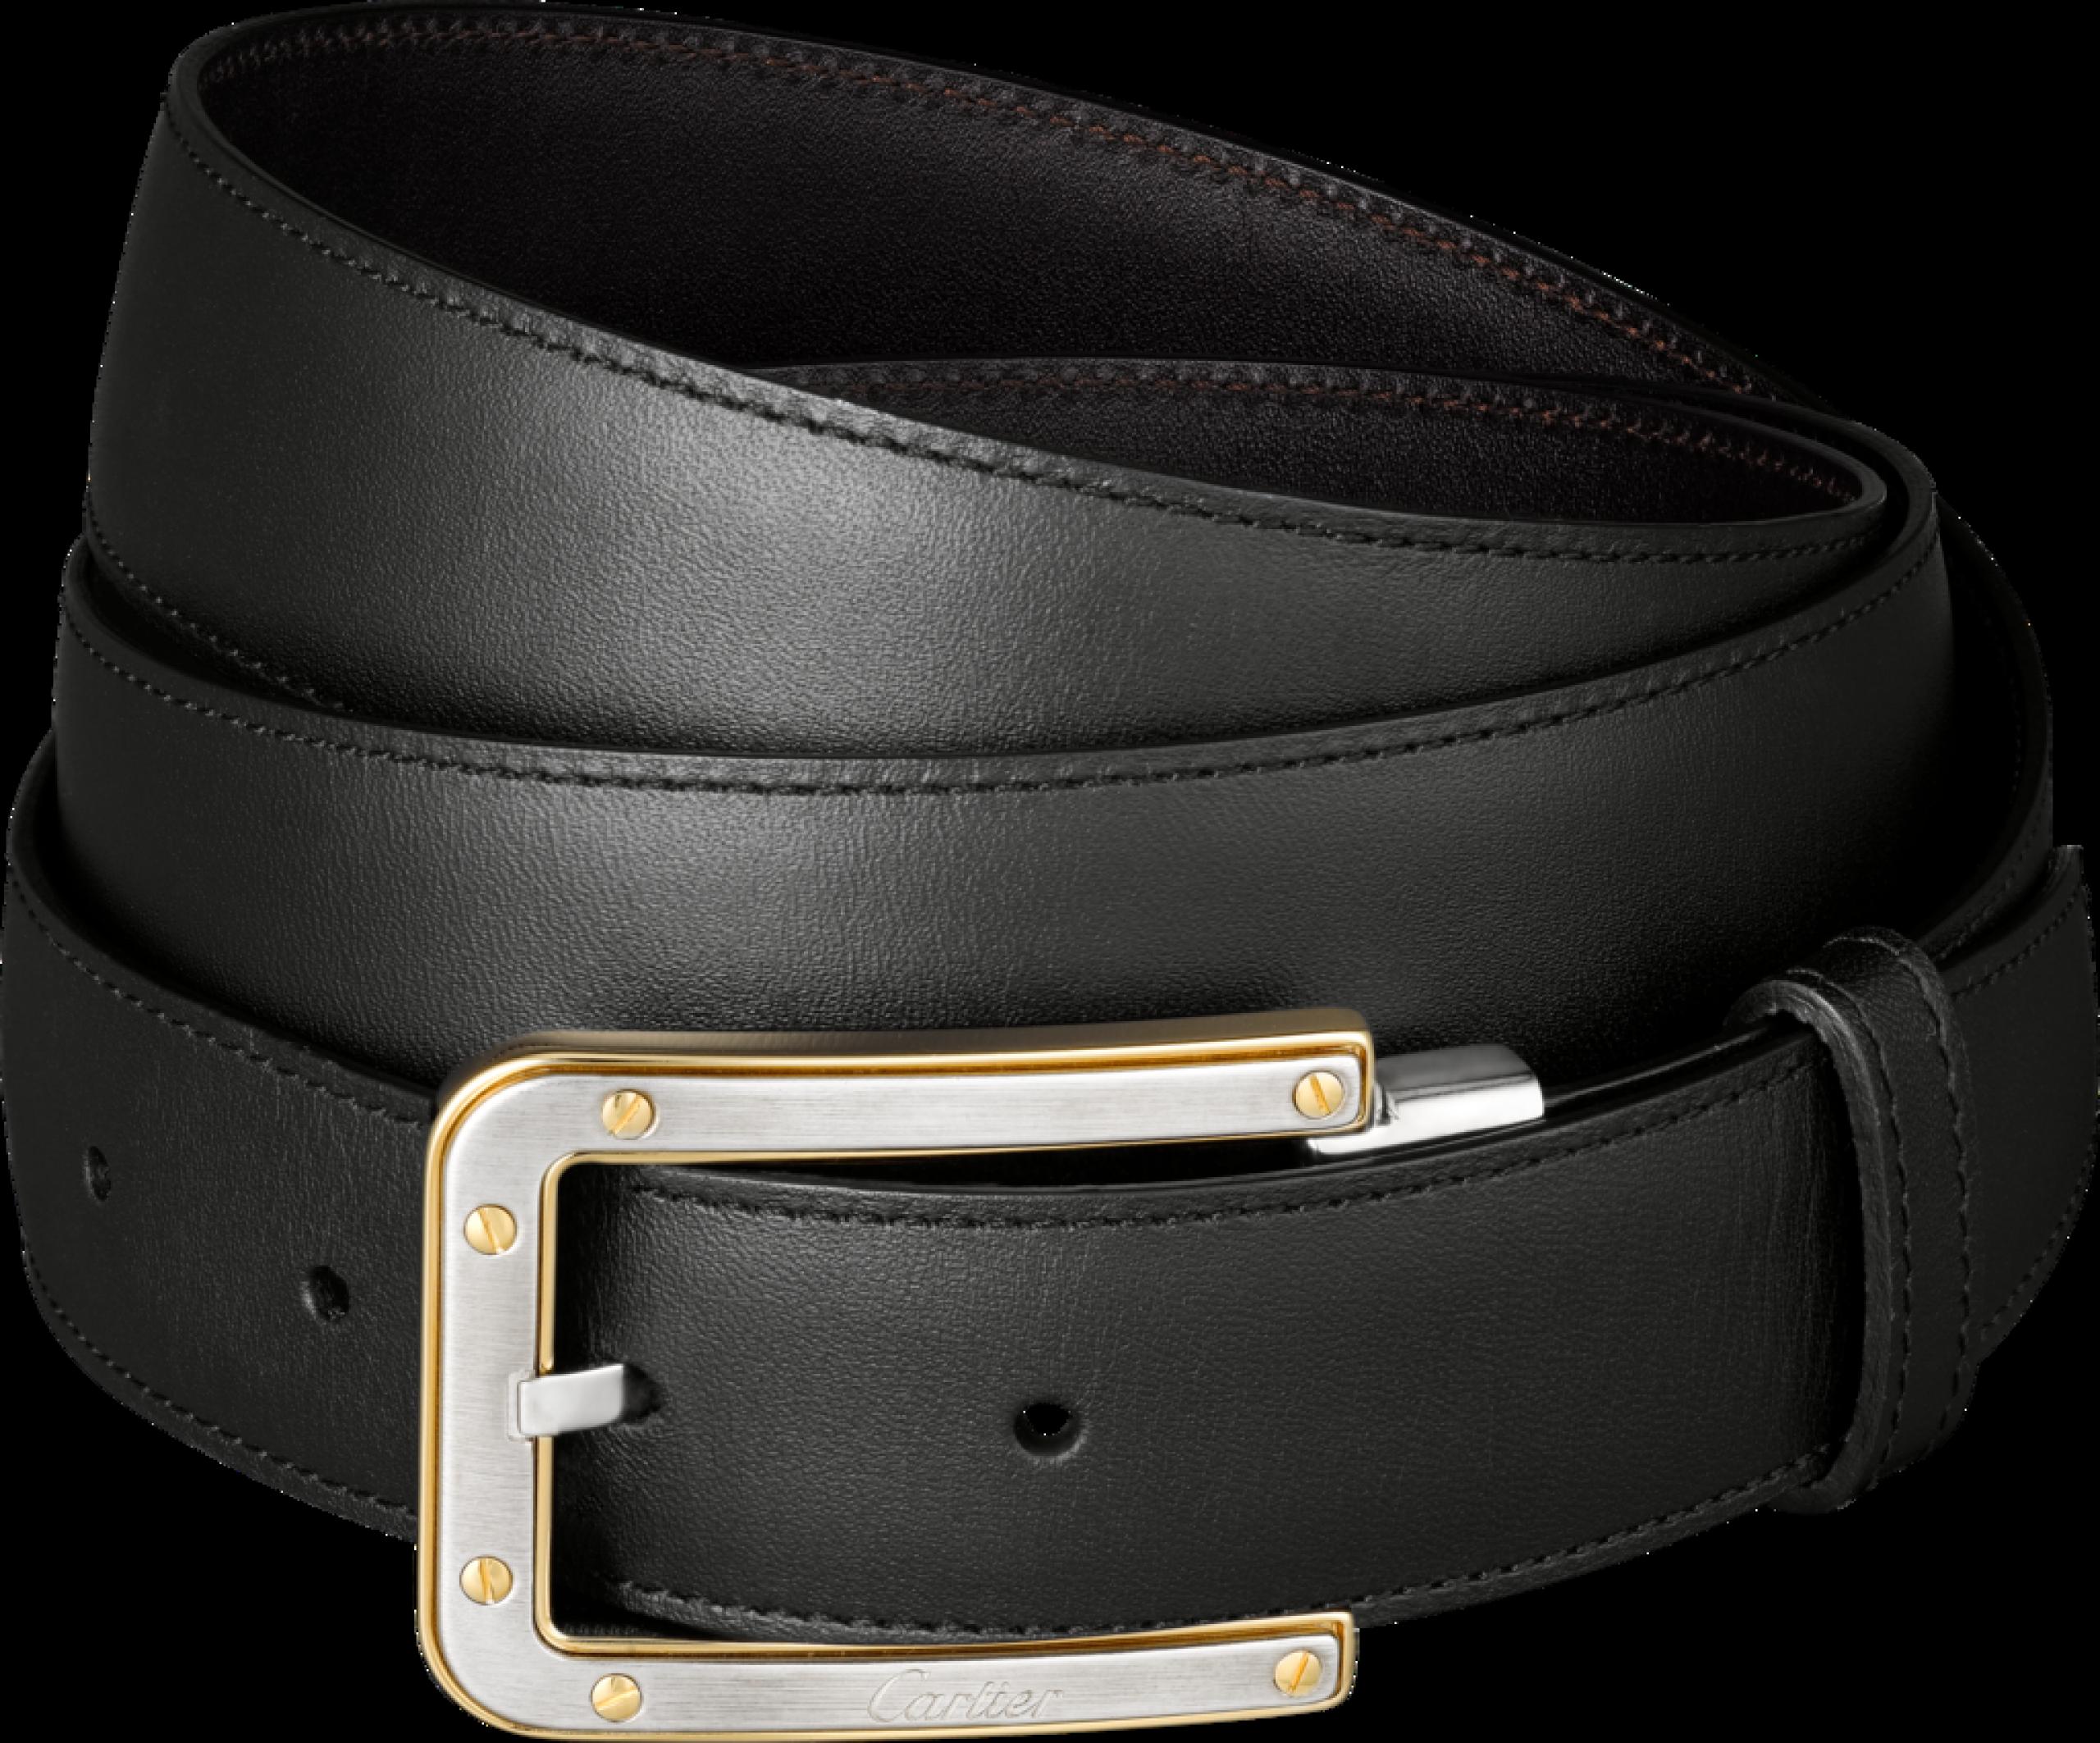 Slim Black Belt With Golden Buckles PNG Image